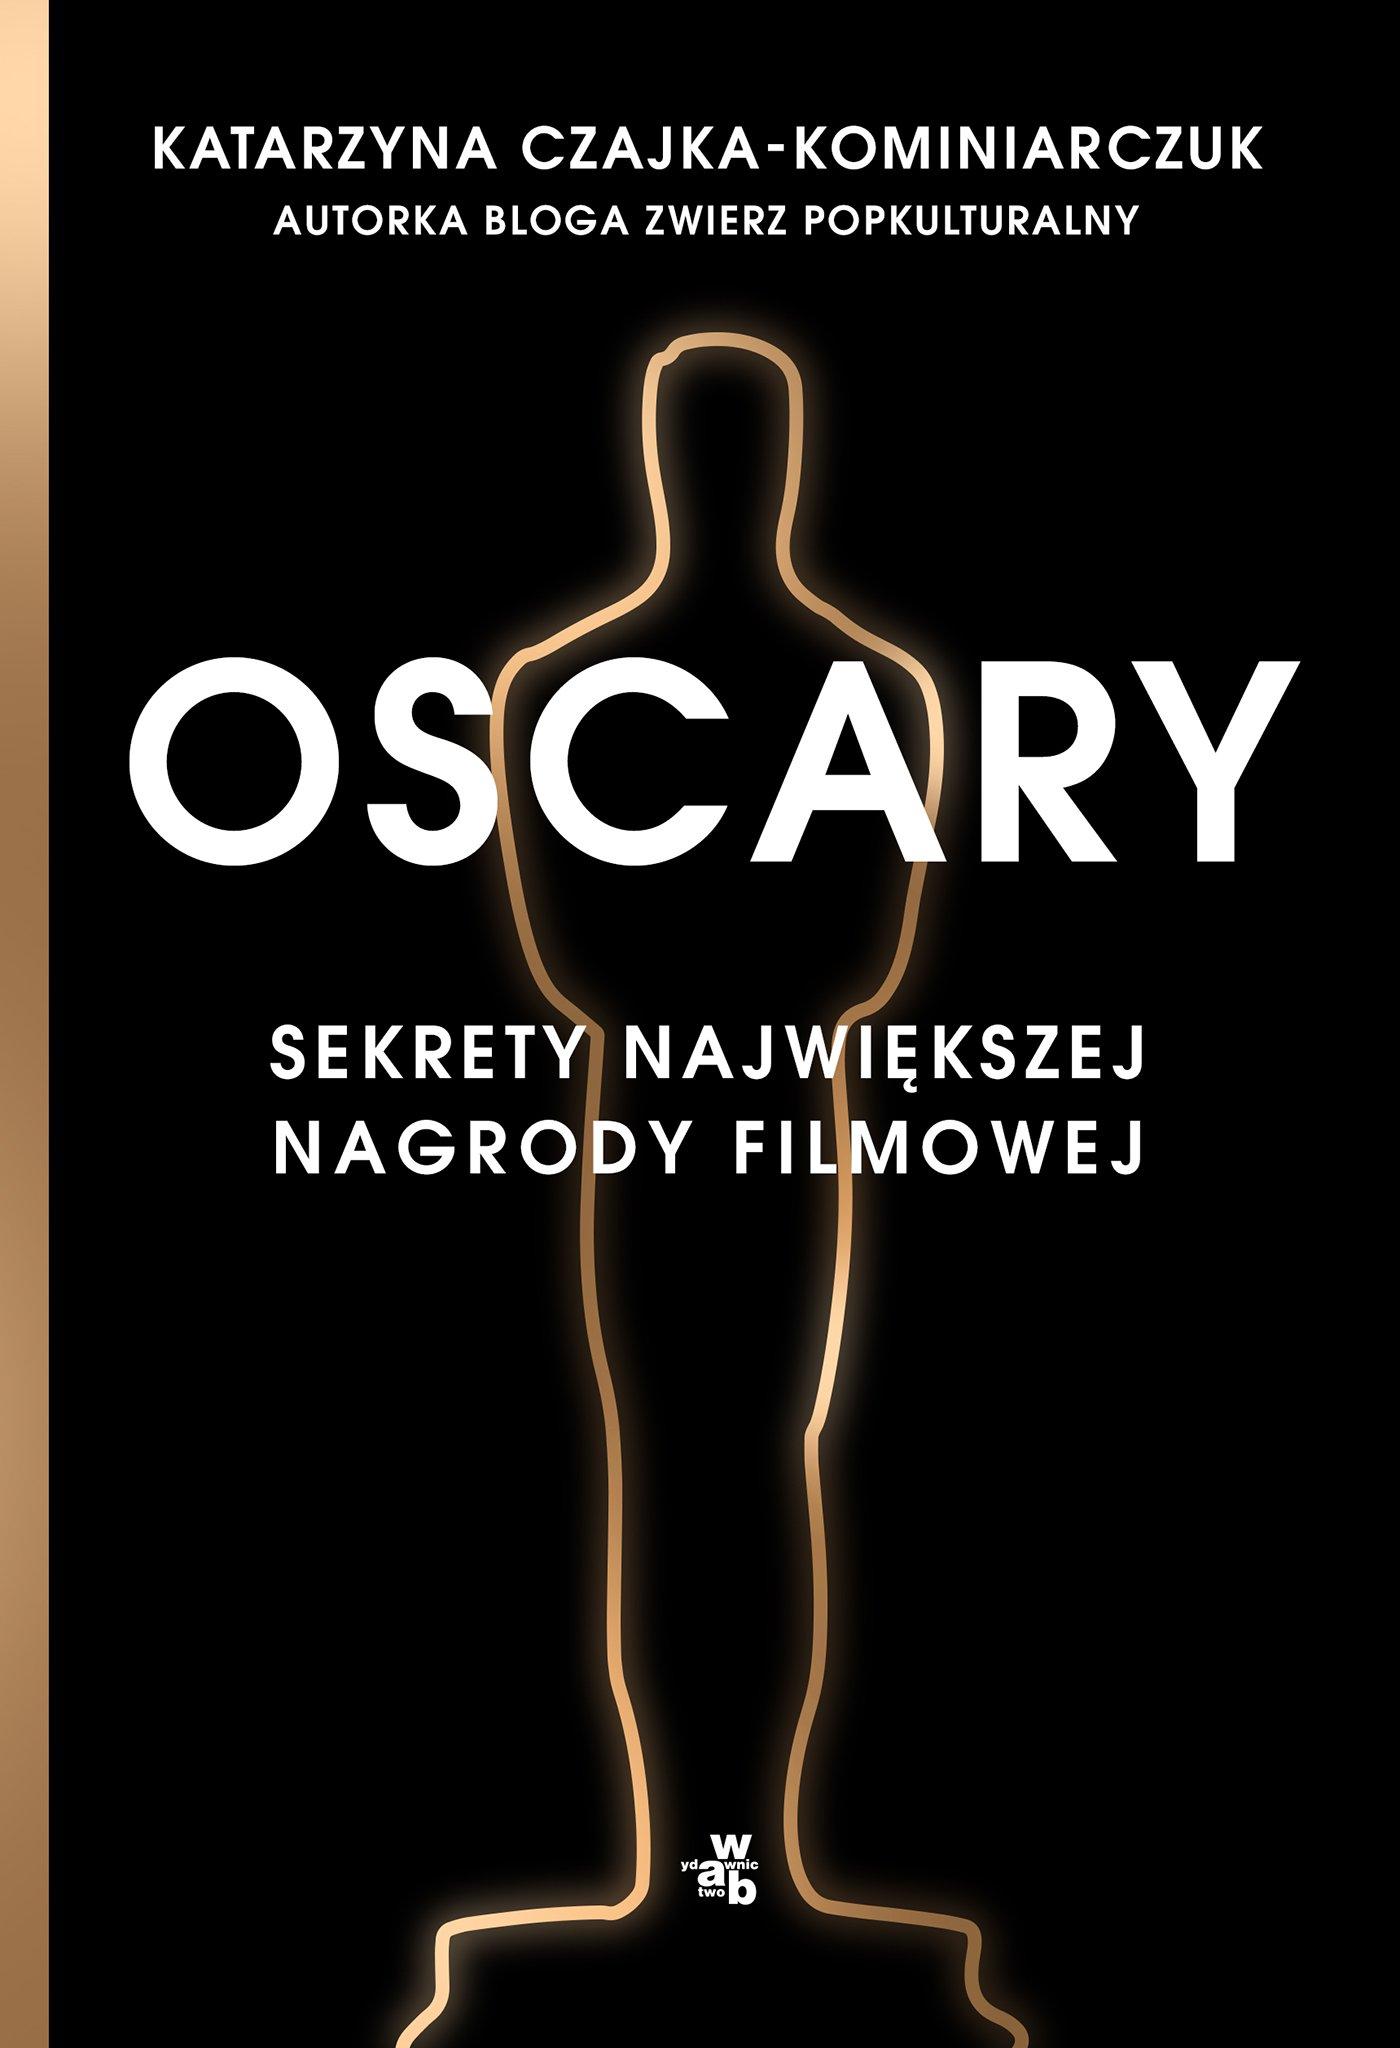 Oscary. Sekrety największej nagrody filmowej - Ebook (Książka EPUB) do pobrania w formacie EPUB